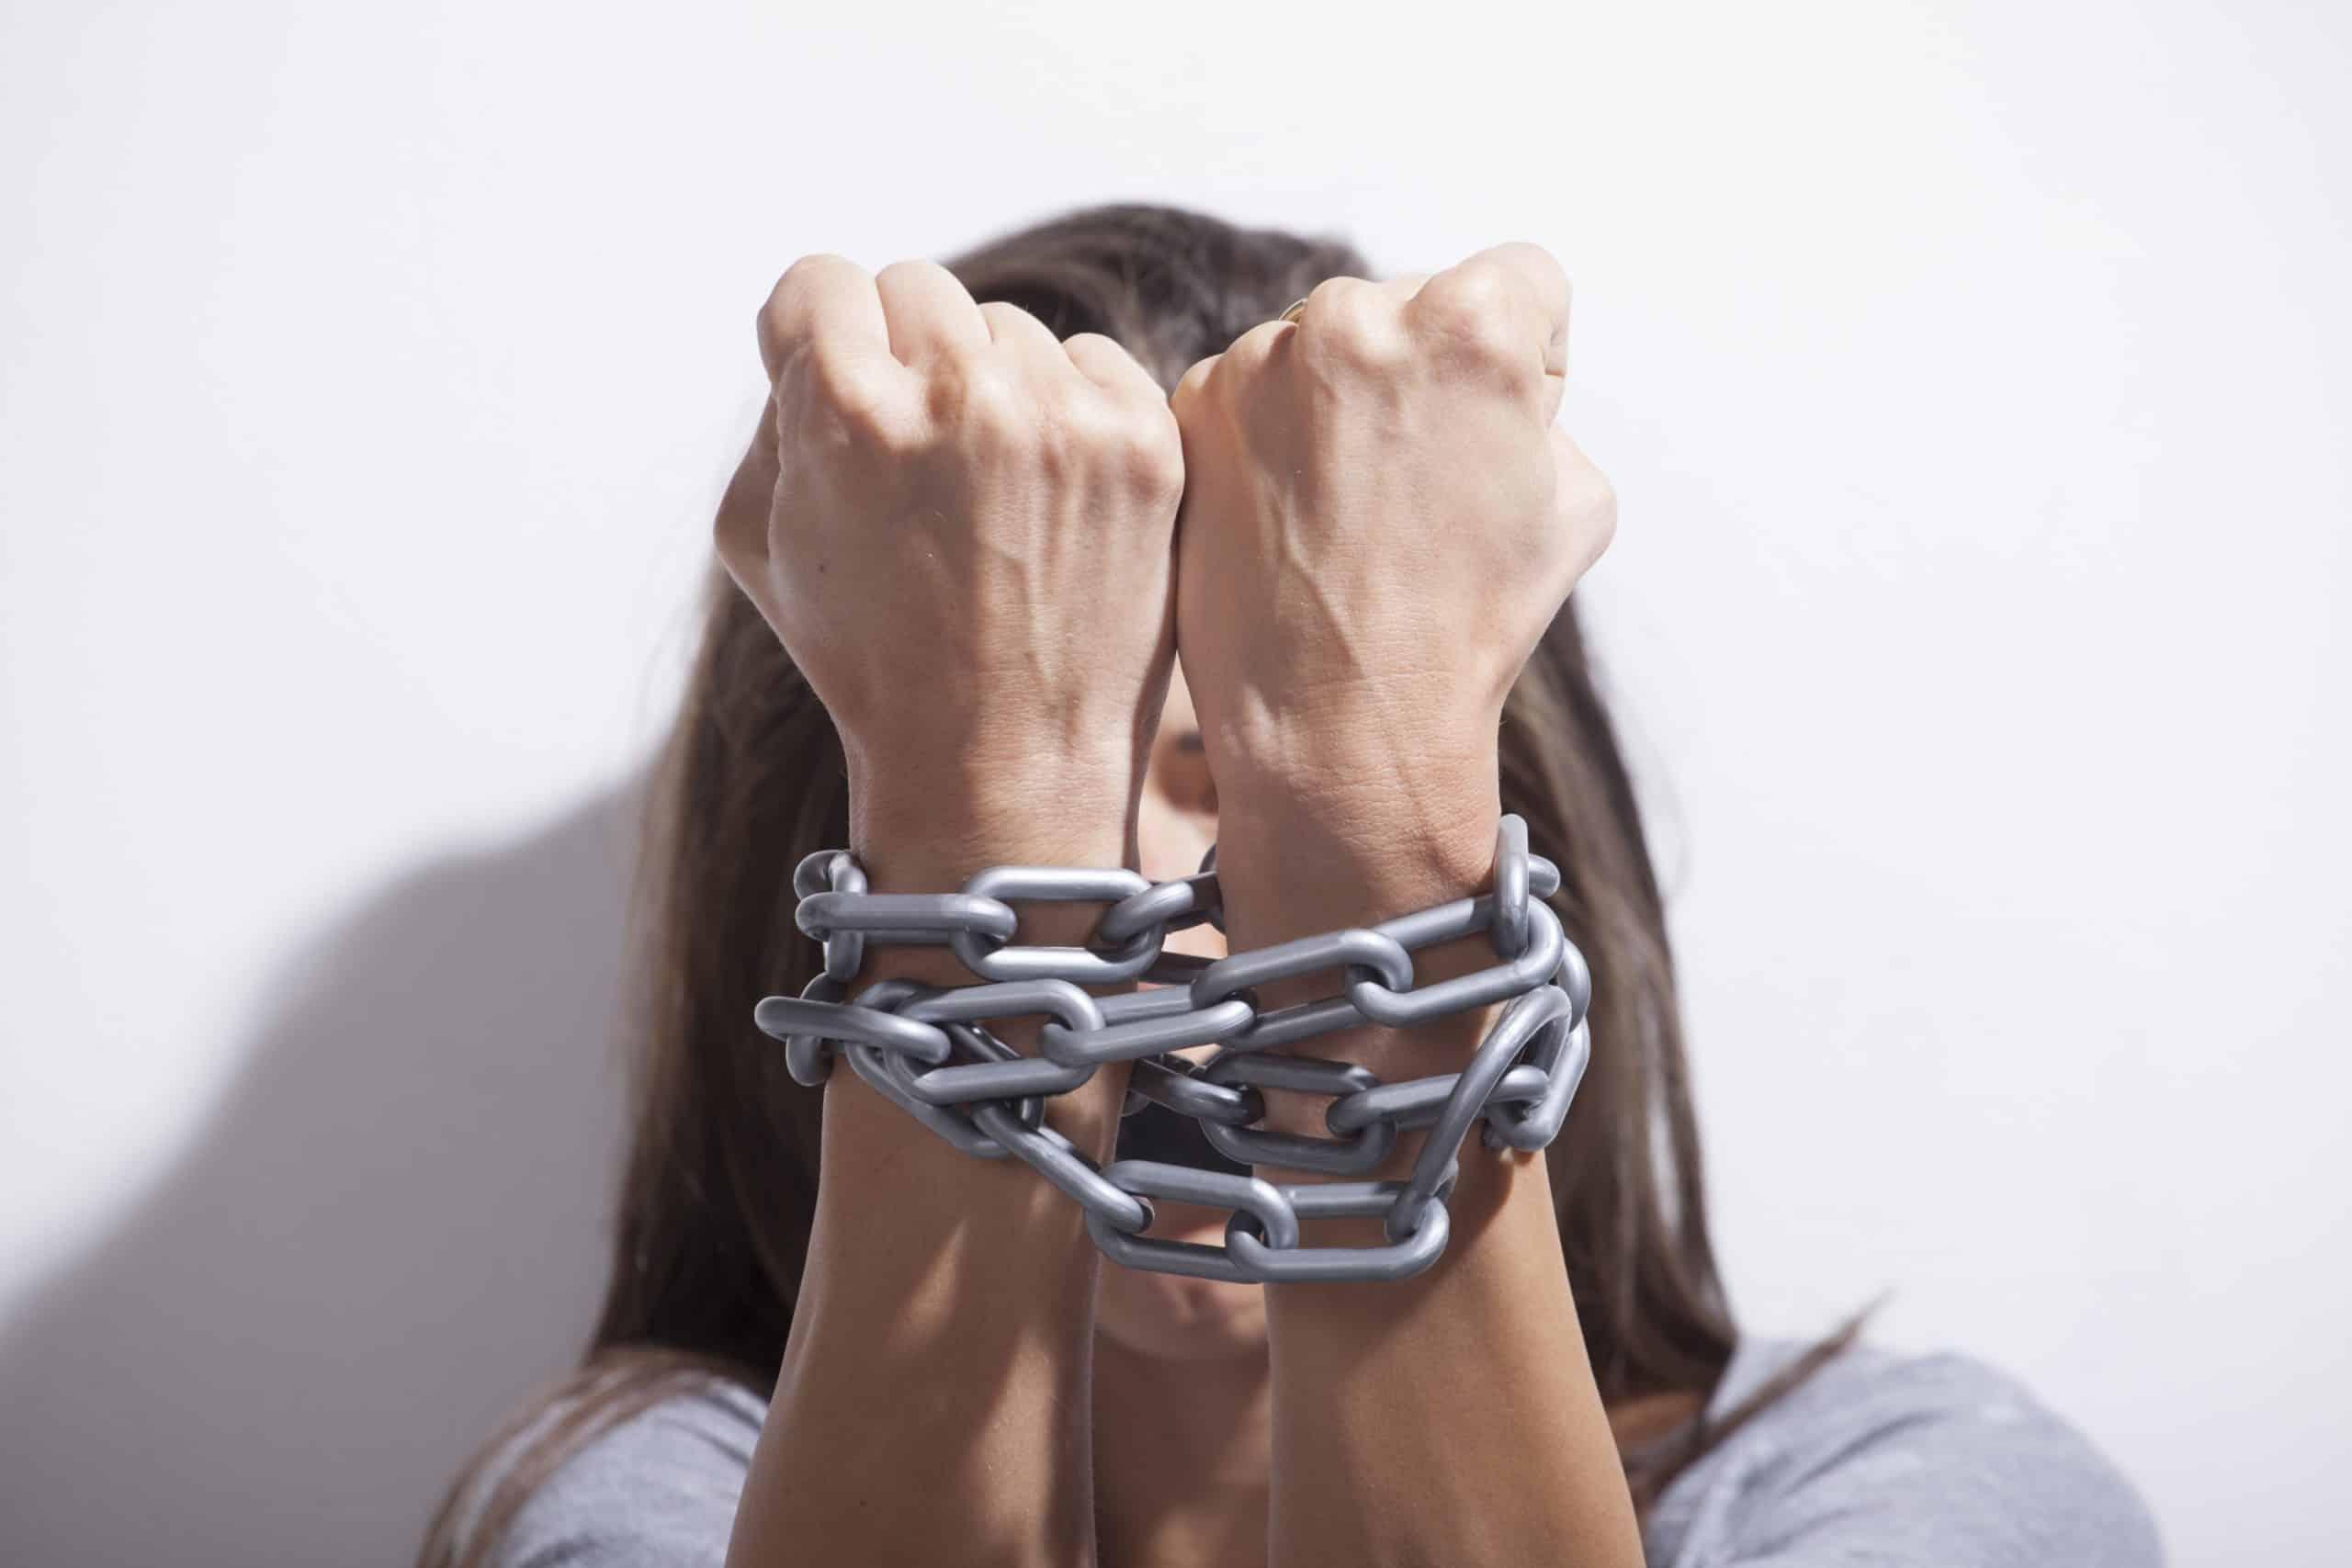 Seksueel misbruik… het is nooit je eigen fout!